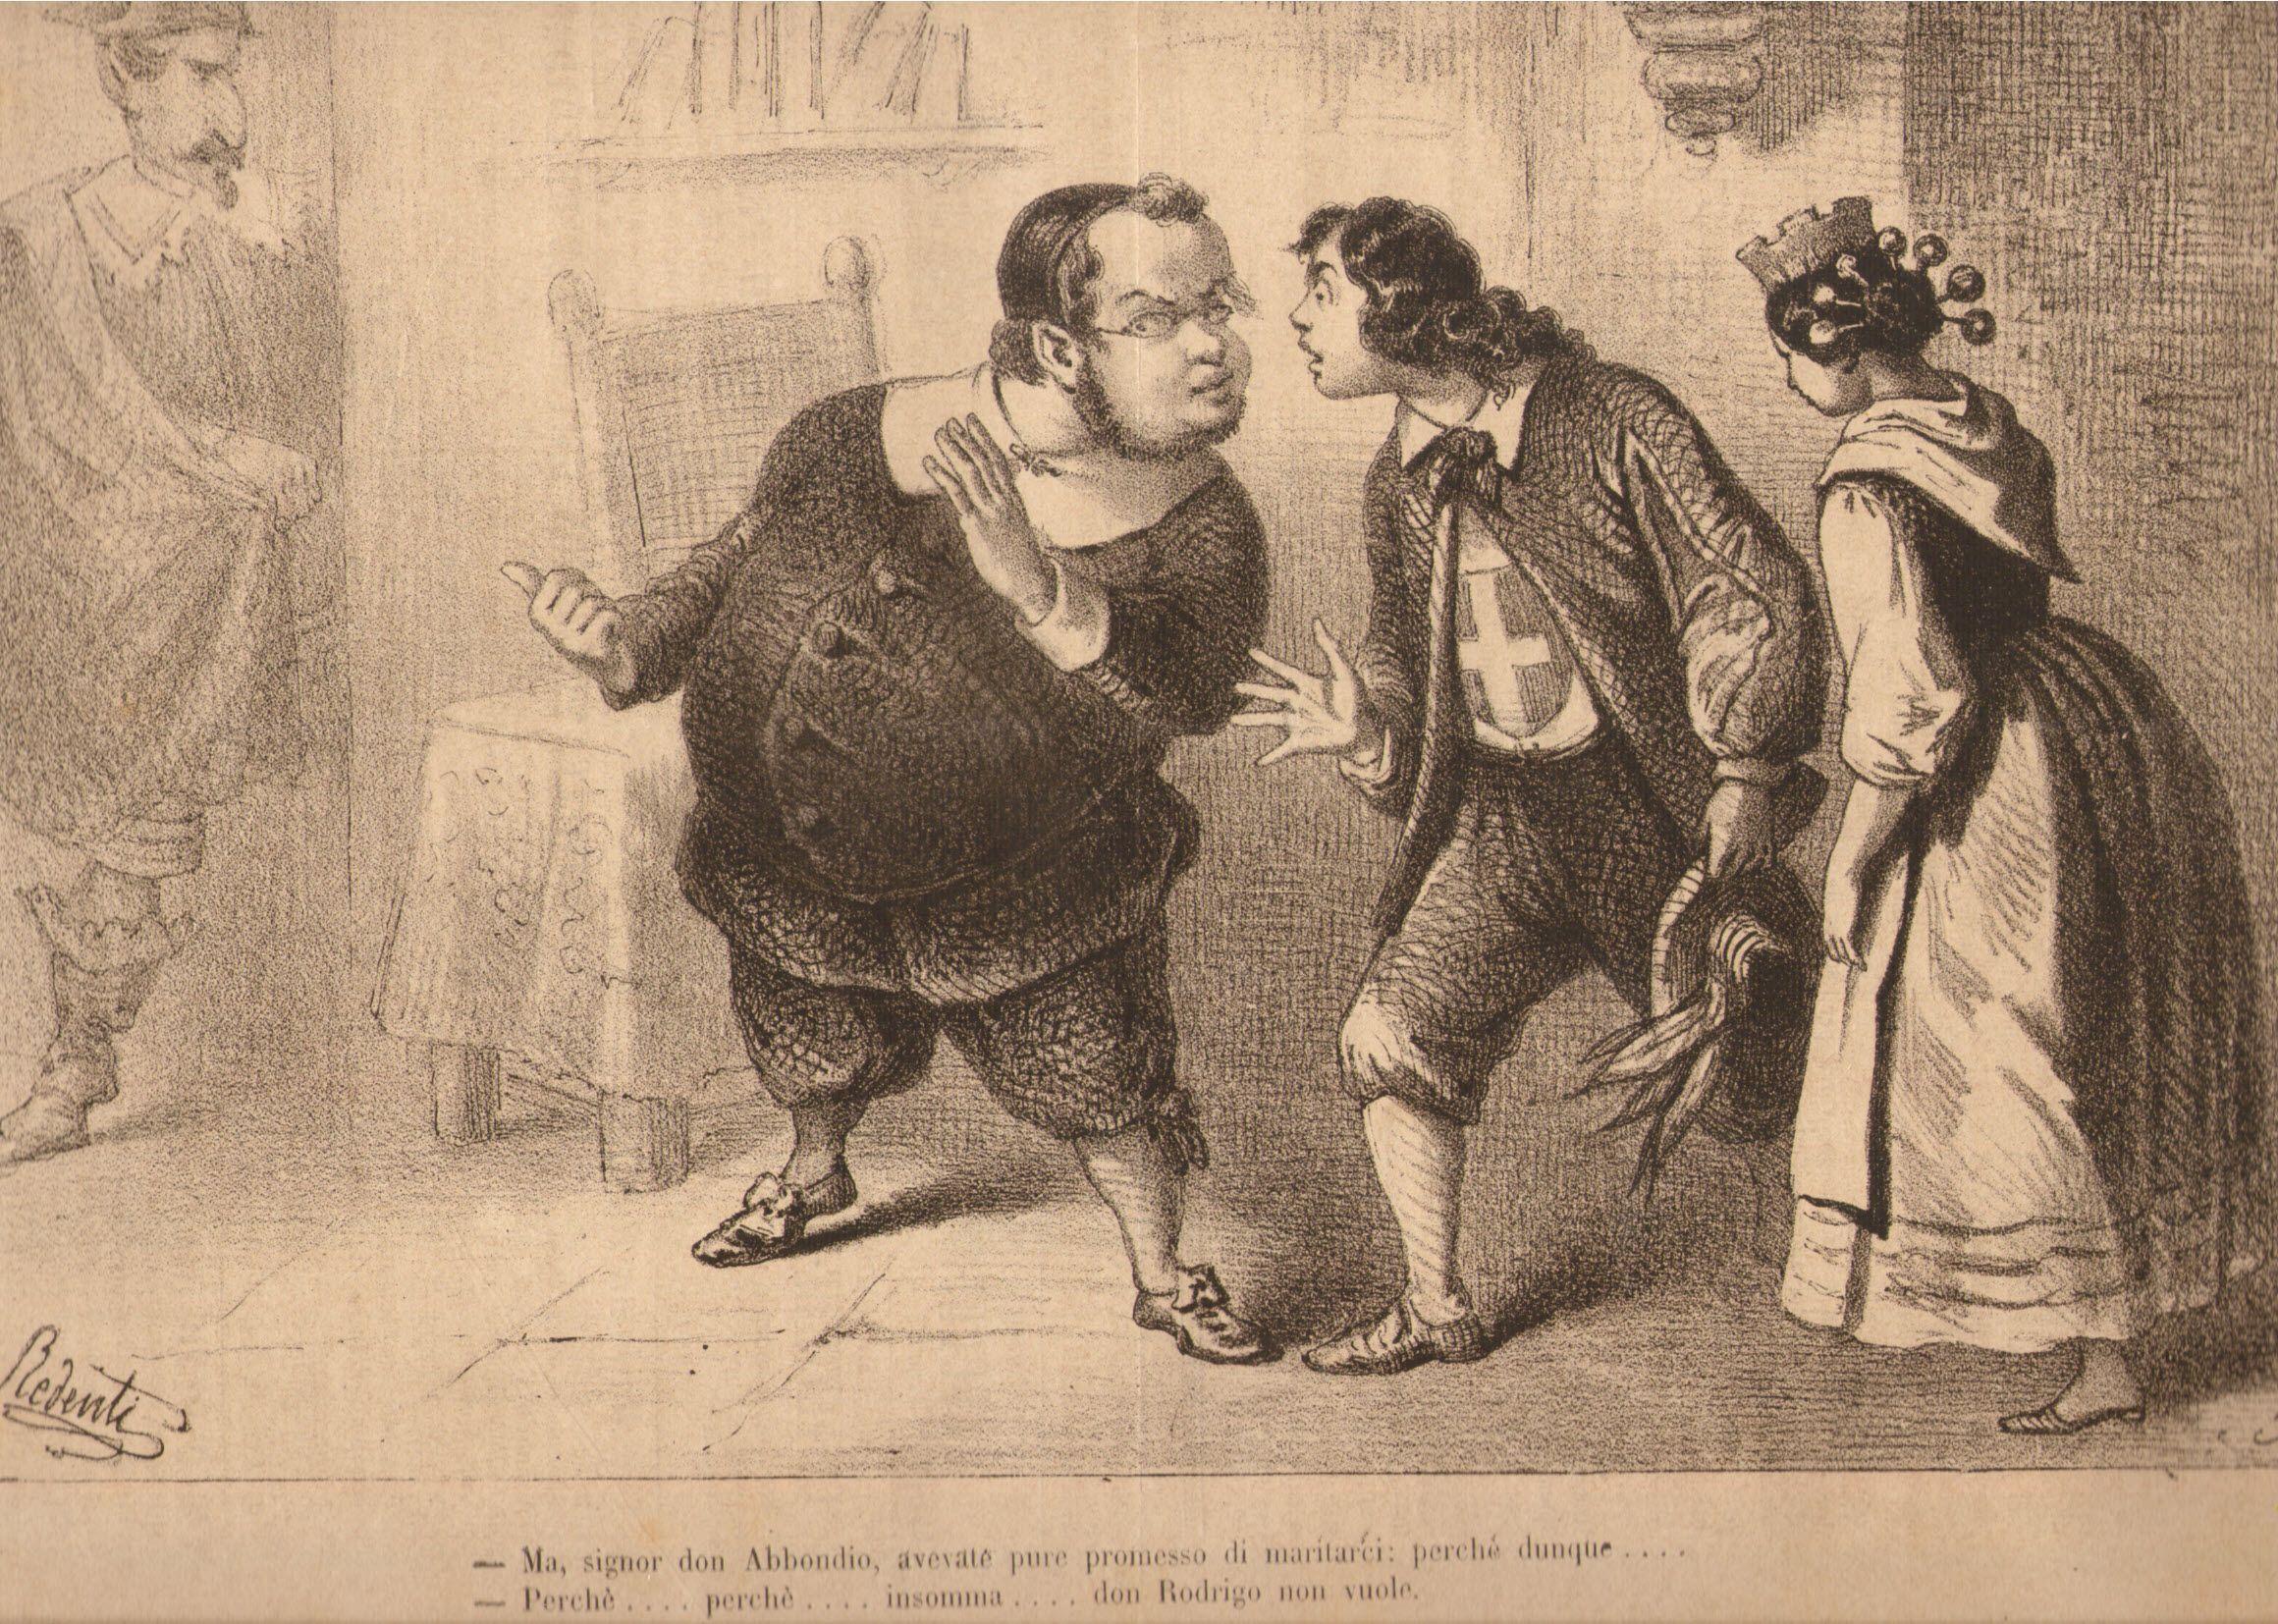 Vignetta satirica che vede Camillo Benso conte di Cavour nei panni di Don Abbondio, dei Promessi Sposi